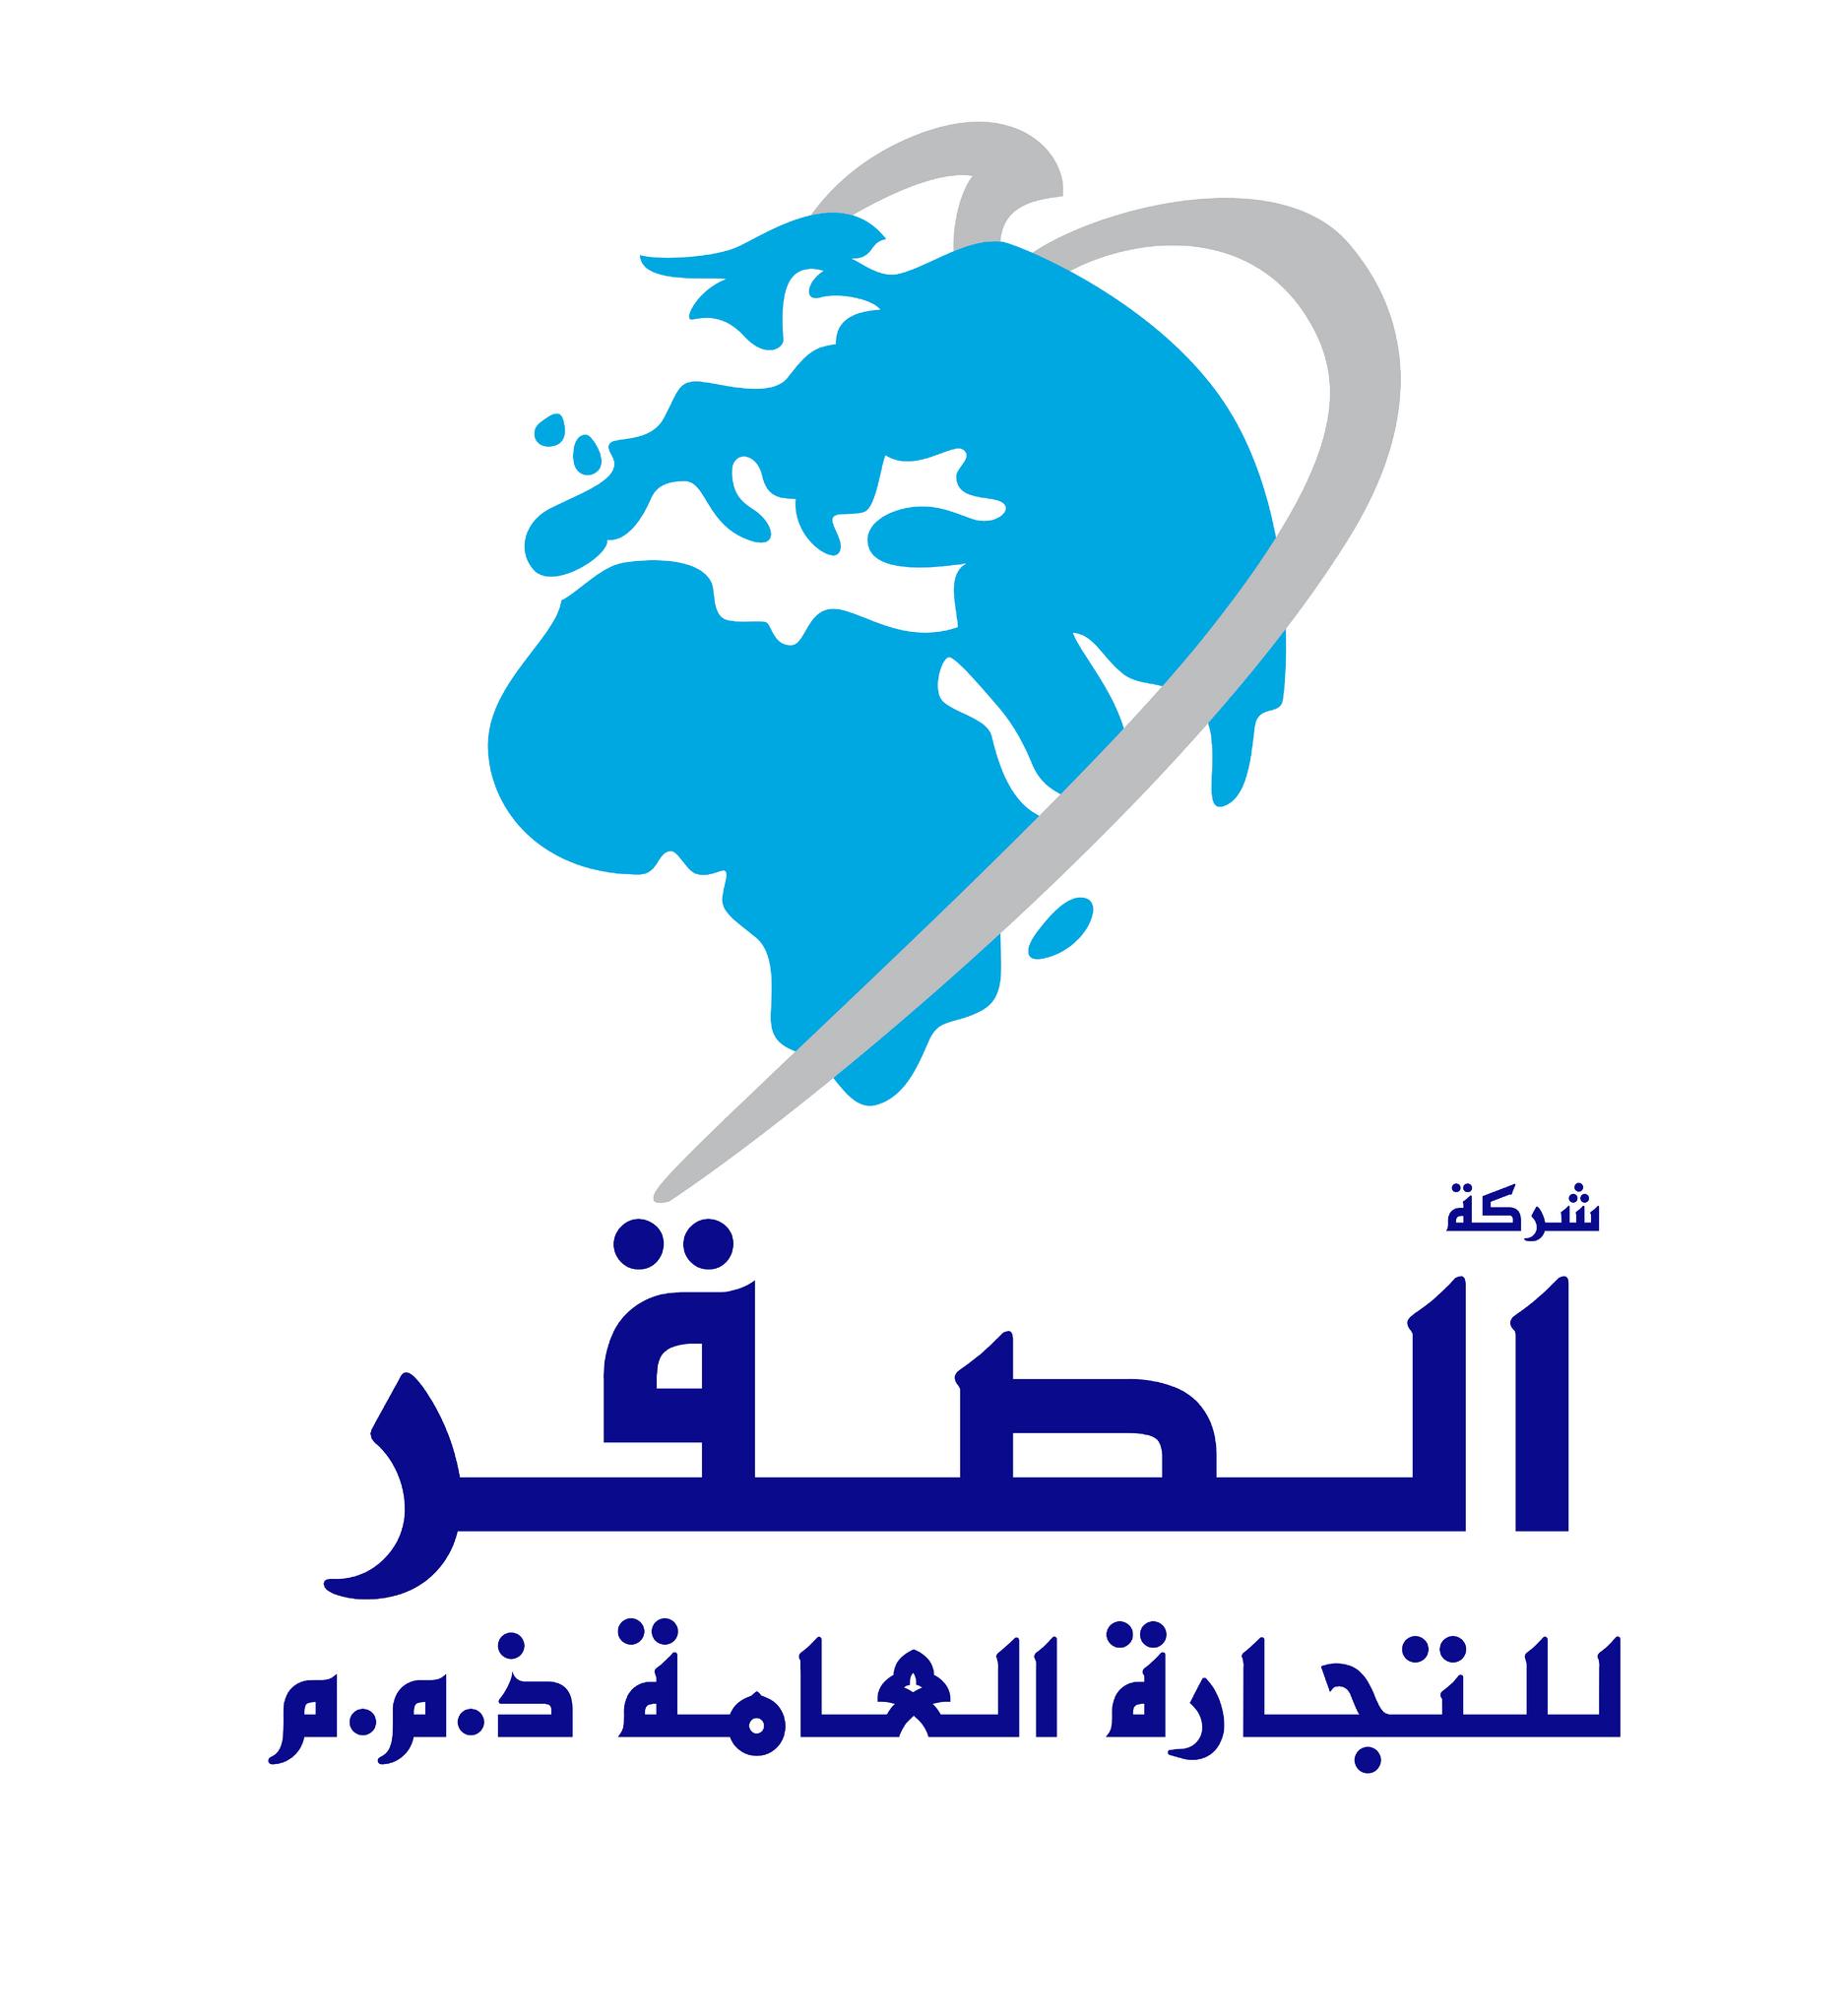 cb7c4a447a24 Al Saqr General Trading Co. L.L.C. - Gulfood 2019 - World s largest ...